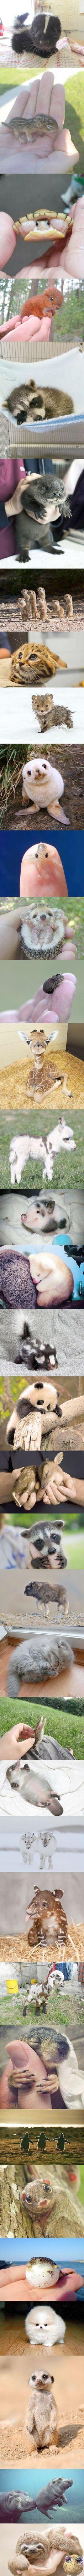 Ahhh... Cute Unusual Animals List #cool